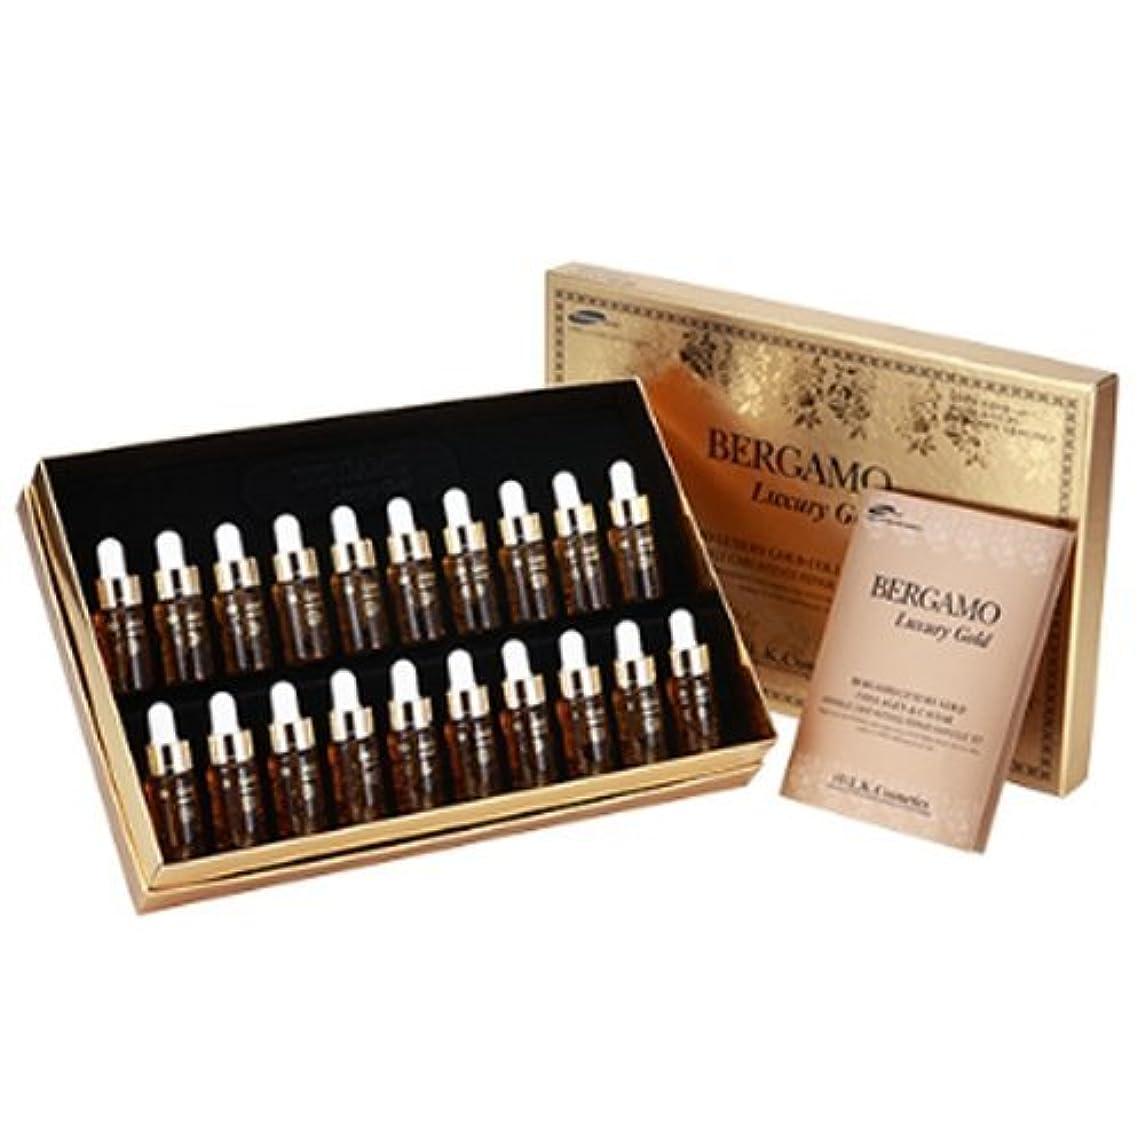 管理者十二形式ベルガモ[韓国コスメBergamo]Gold Collagen Ampoule Set ゴールドコラーゲン高濃縮アンプル20本セット13mlX20個[並行輸入品]